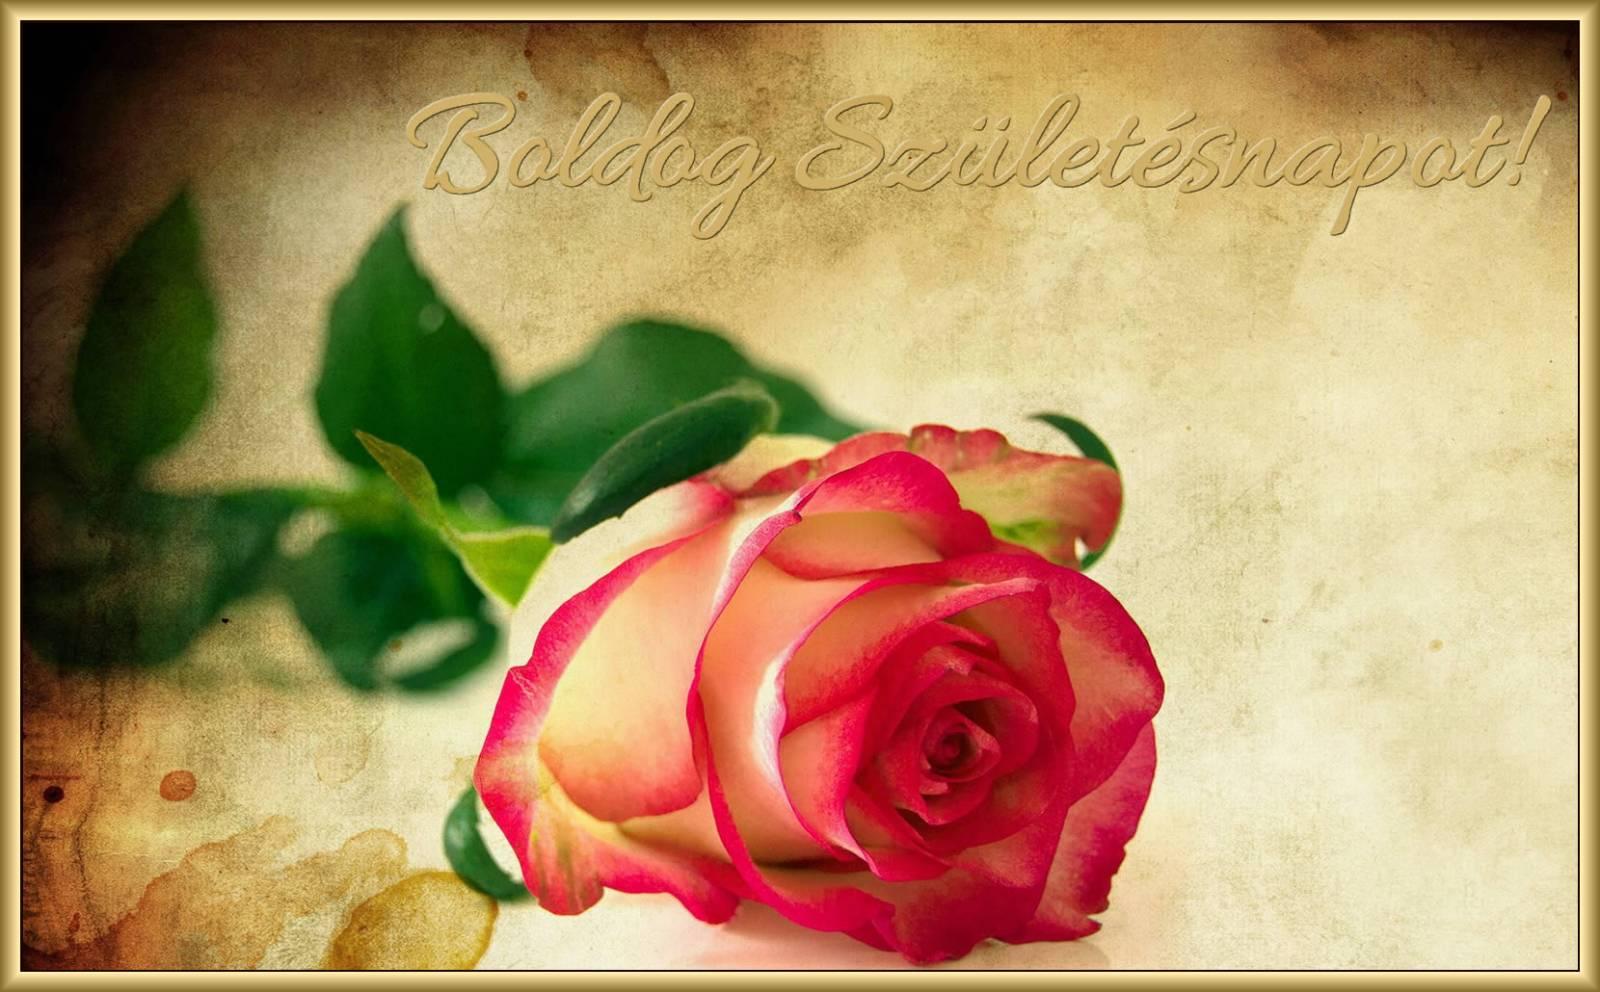 születésnapi rózsás képek Boldog születésnapot rózsával   Képeslapküldés   e kepeslap.com születésnapi rózsás képek